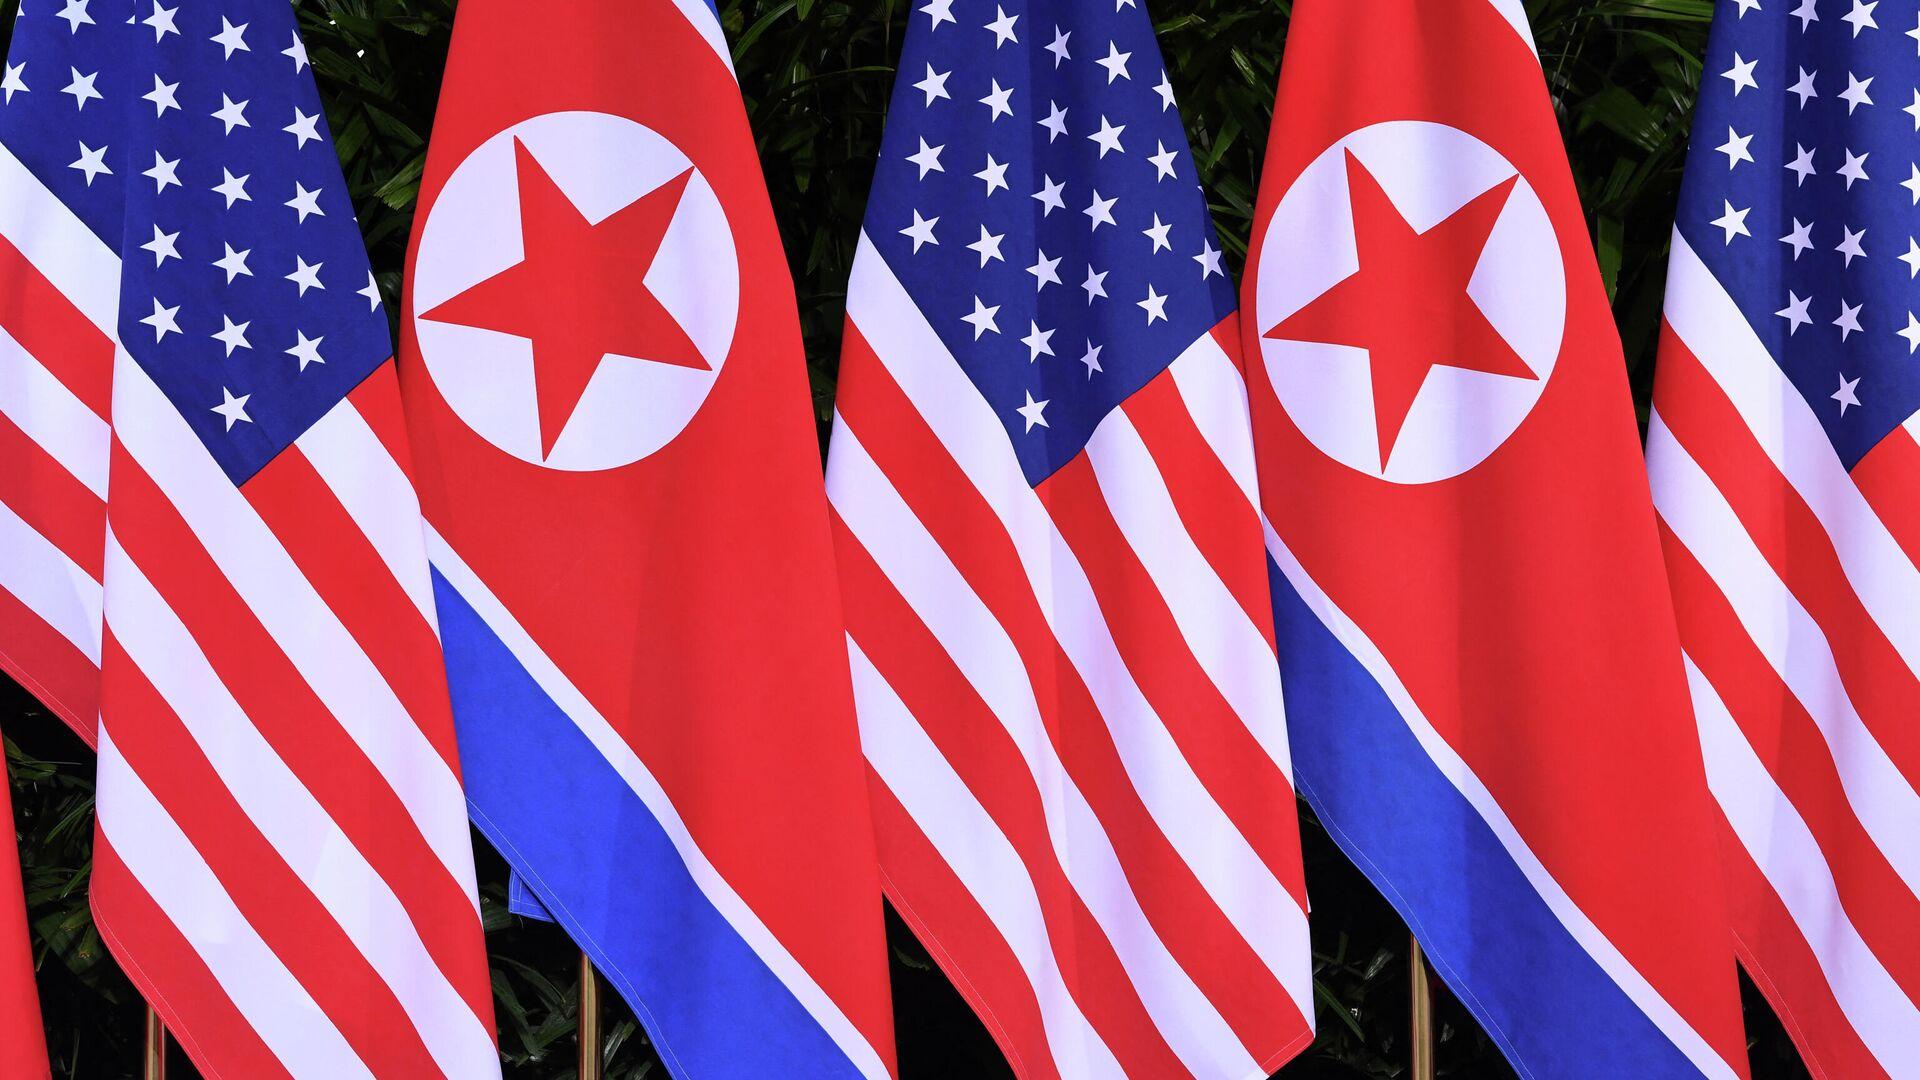 Banderas de EEUU y de Corea del Norte - Sputnik Mundo, 1920, 15.03.2021